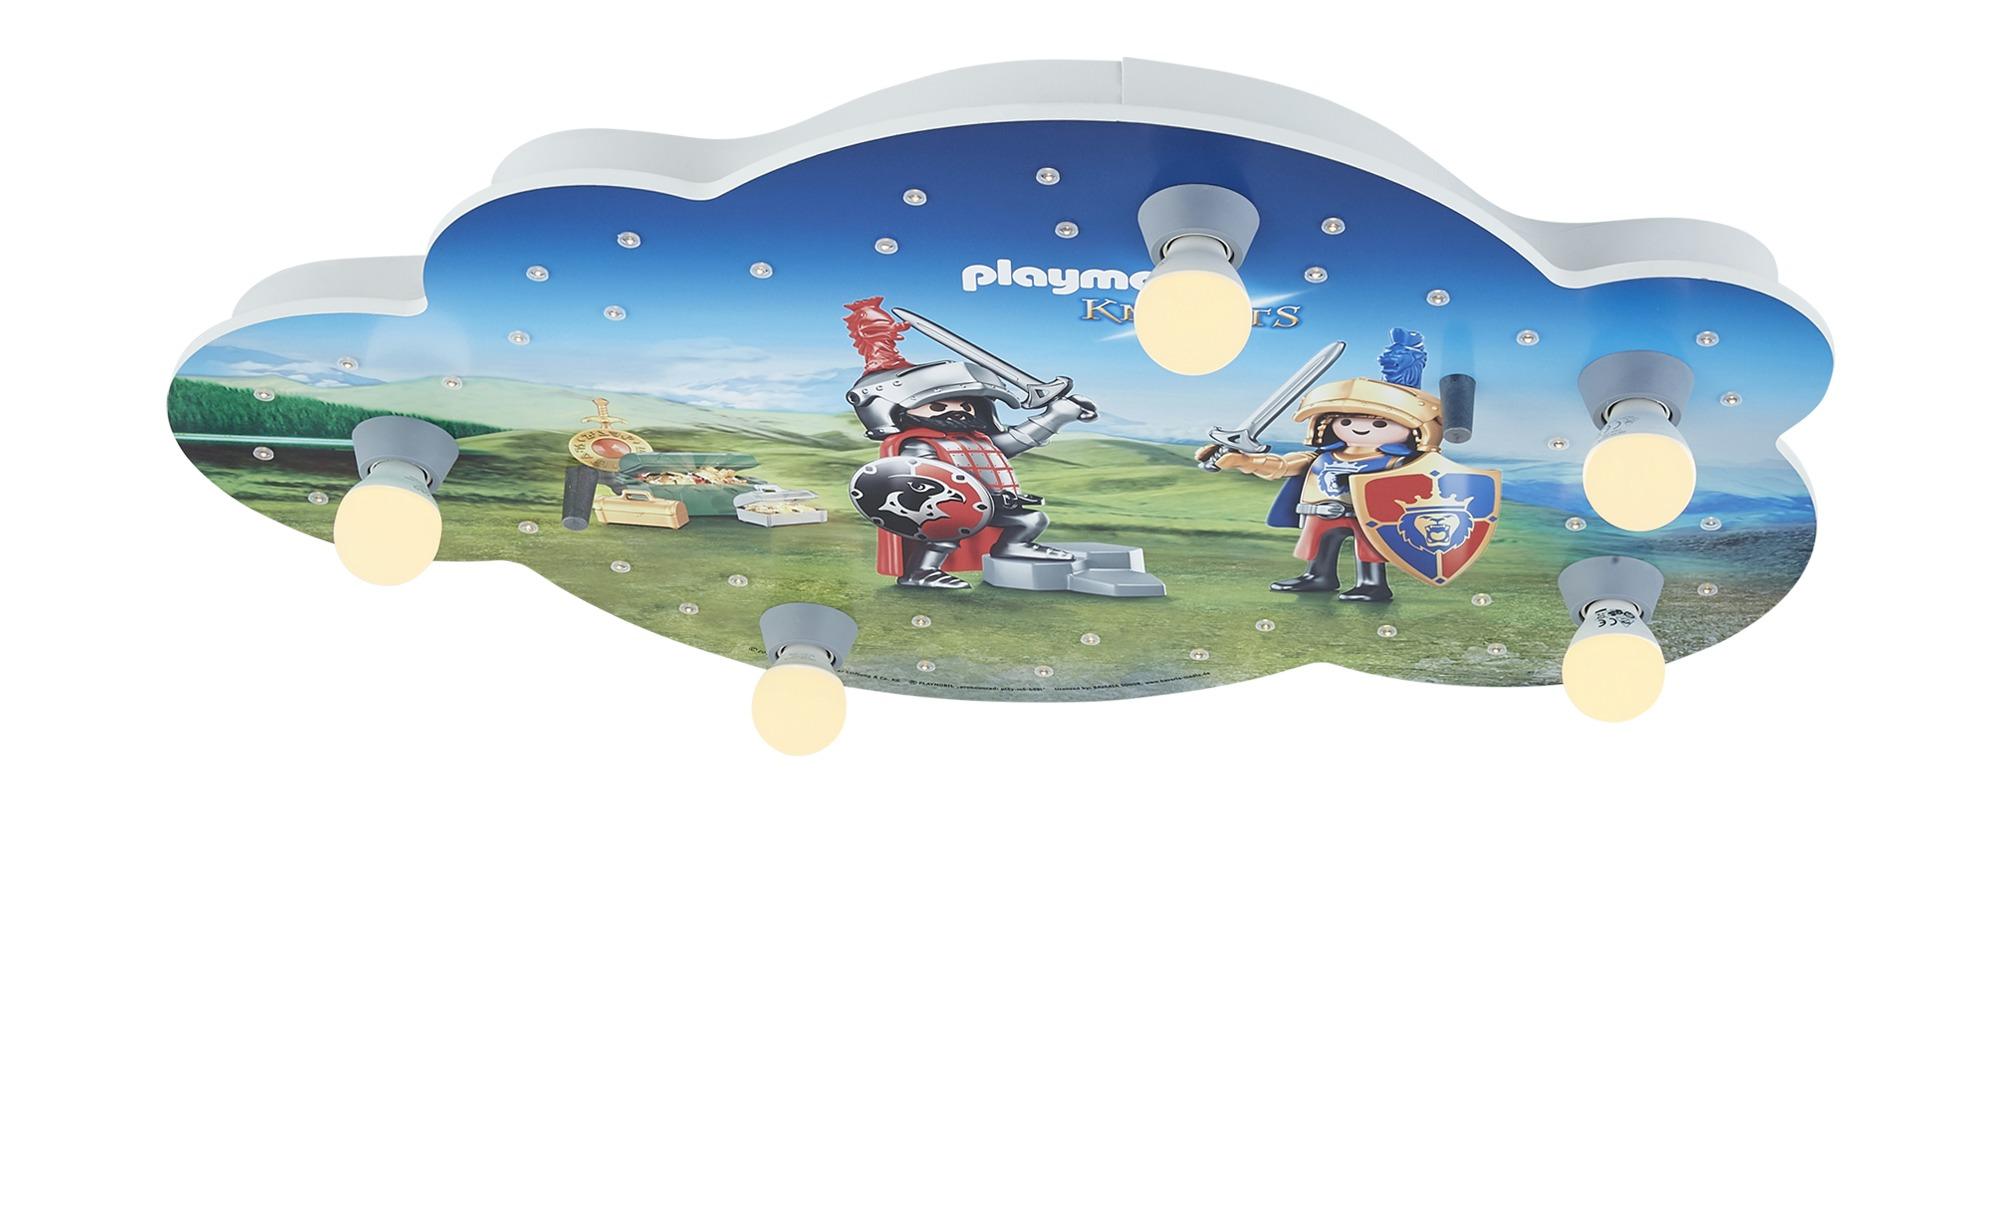 Playmobil Deckenleuchte, 5+40 flammig, Playmobil ´Knights´ ¦ blau ¦ Maße (cm): B: 50 H: 8 Lampen & Leuchten > Innenleuchten > Kinderlampen - Höffner